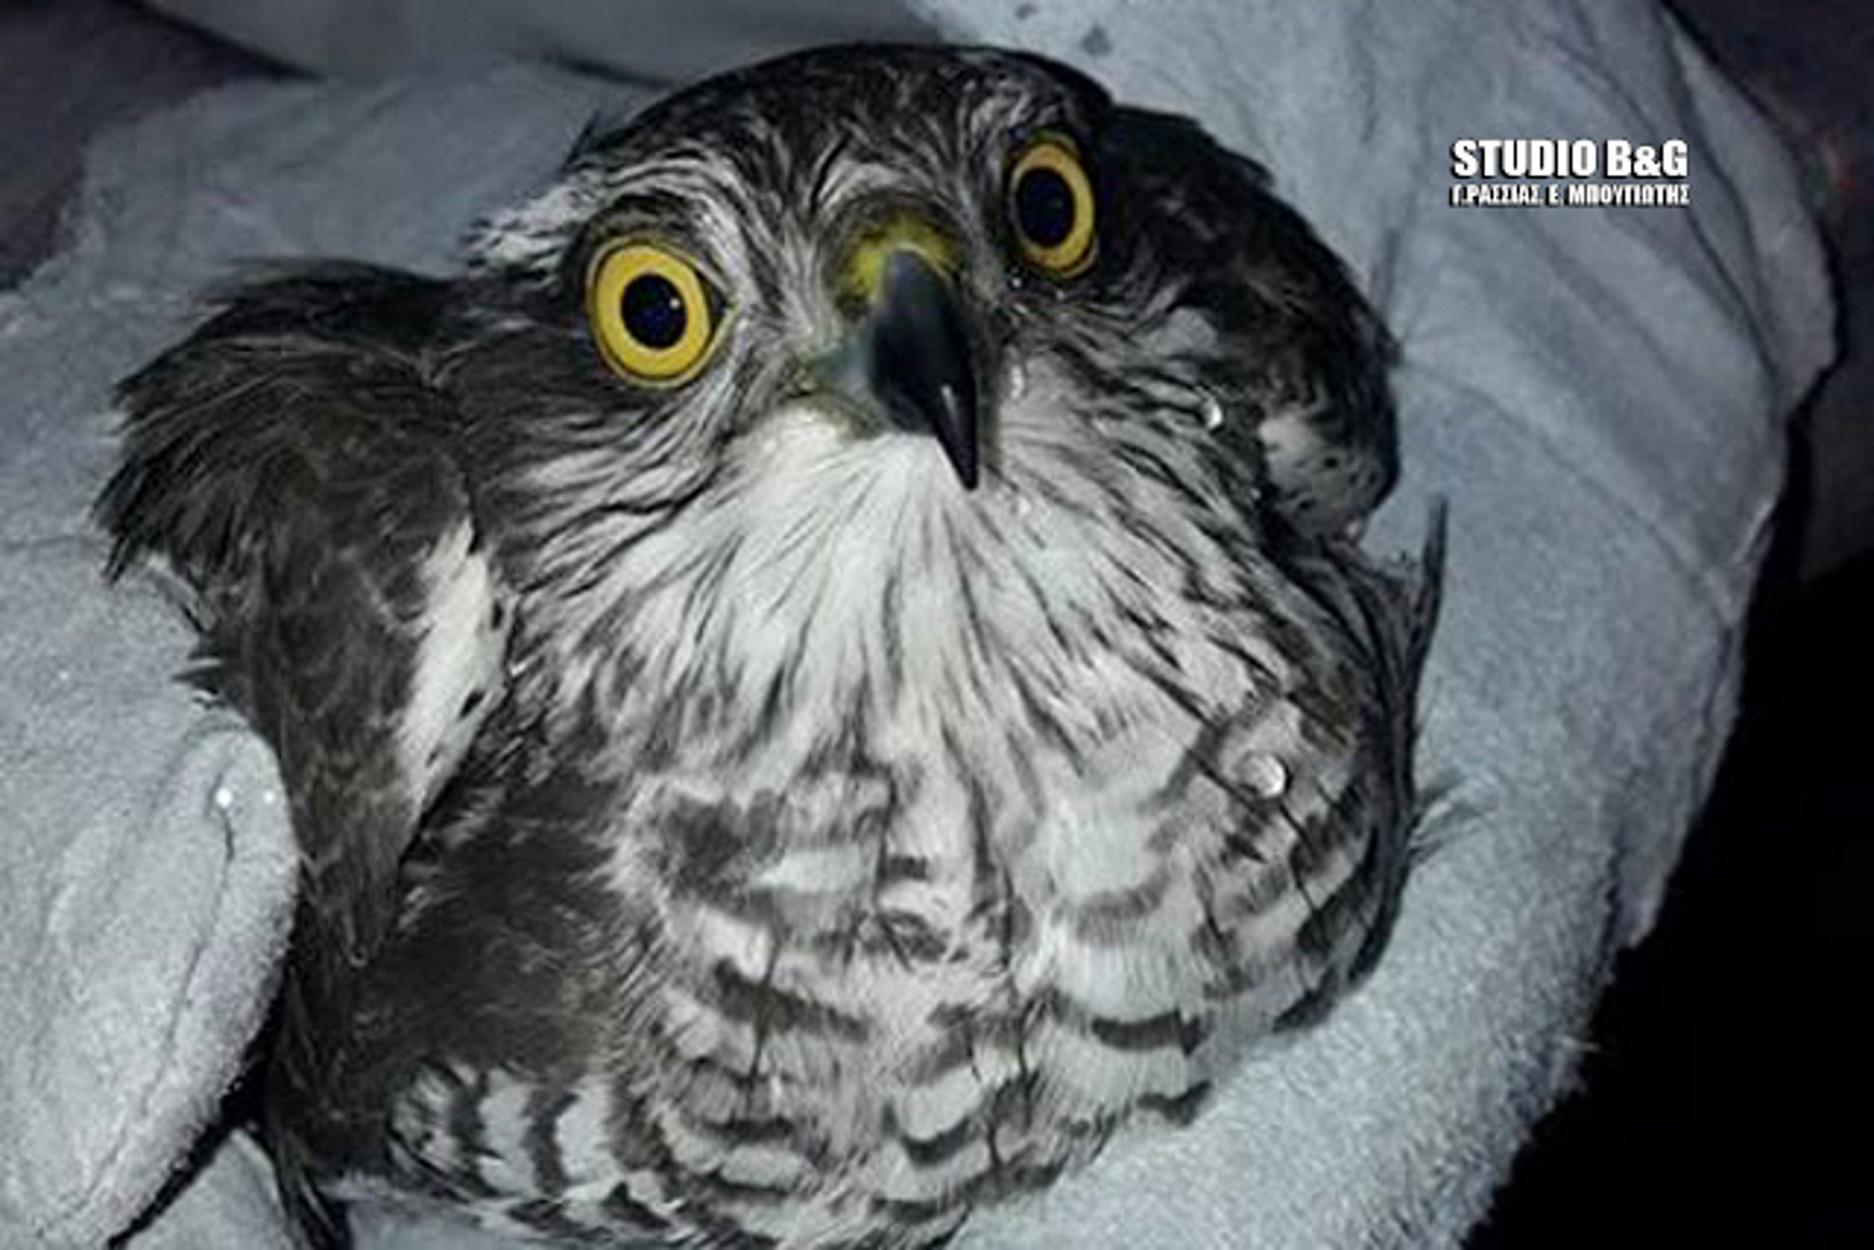 Γεράκι τραυματίστηκε από σκάγια κυνηγετικού όπλου - Πώς έζησε το άγριο πουλί [pics, video]